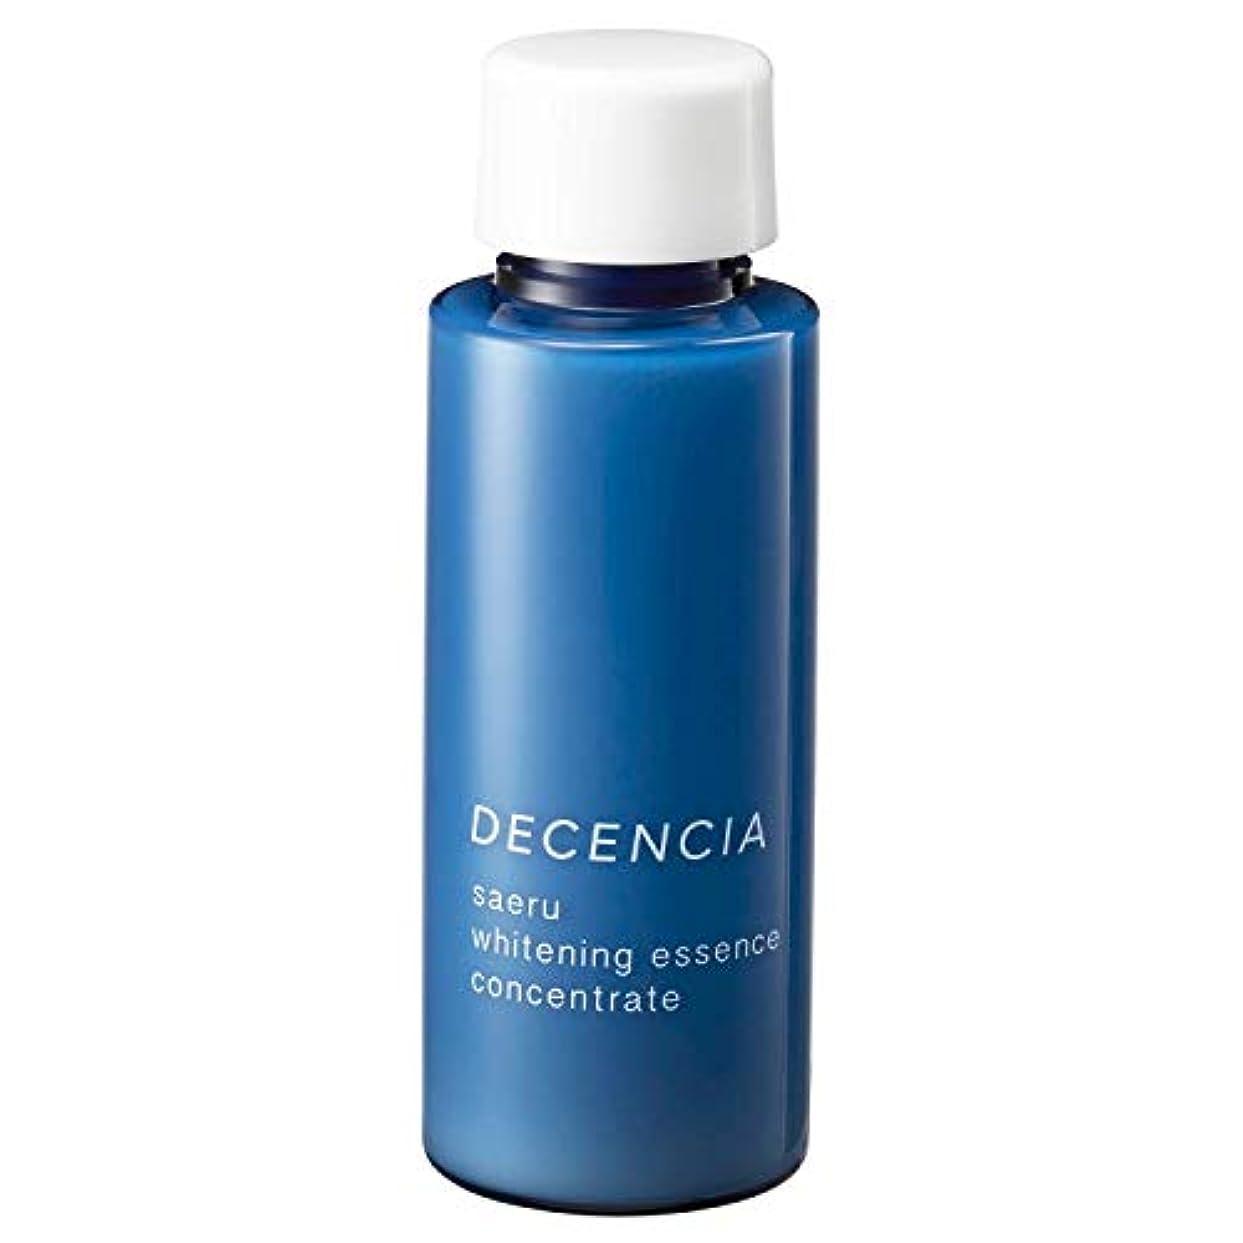 アンビエントうがい薬ロードブロッキングDECENCIA(ディセンシア) サエル ホワイトニング エッセンス コンセントレート 美容液 リフィル 詰替え用 36g